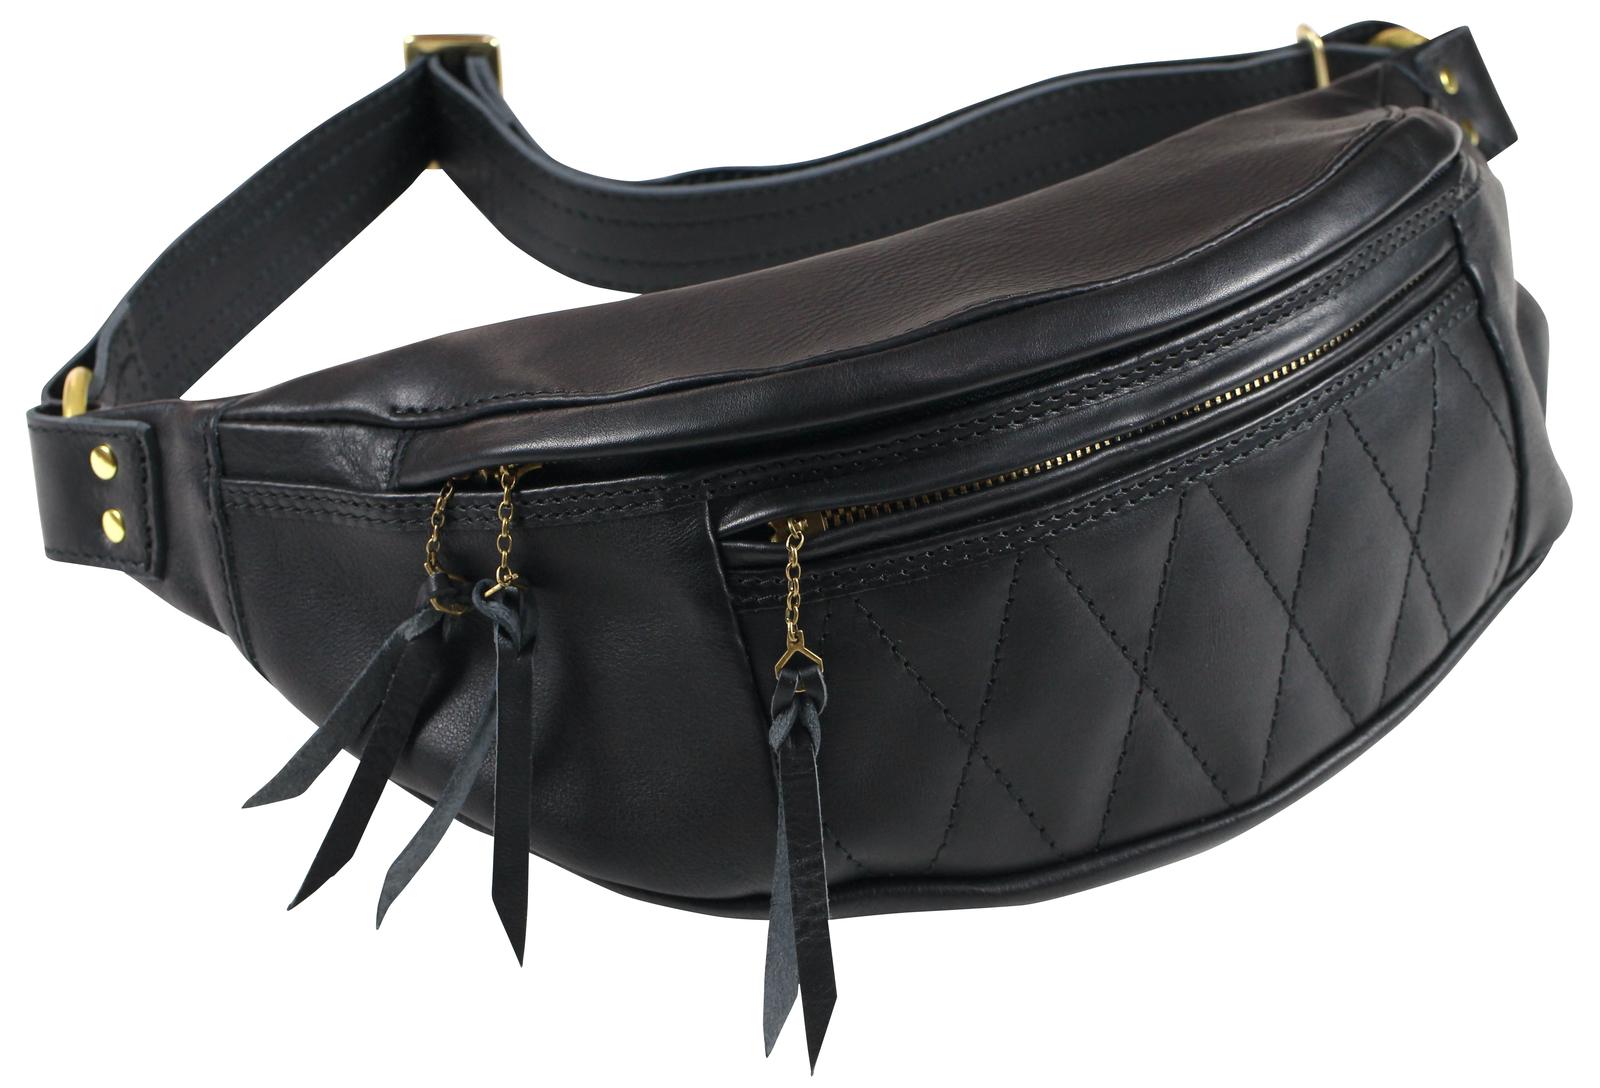 ウエストライド 高額売筋 バッグ メンズ れでぃレディース 卸売り クラシックウエストバッグ7連チェーンジッパー ブラック WEST RIDE BAG 7連 CHAIN ZIPPER- BLK -CLASSIC WAIST